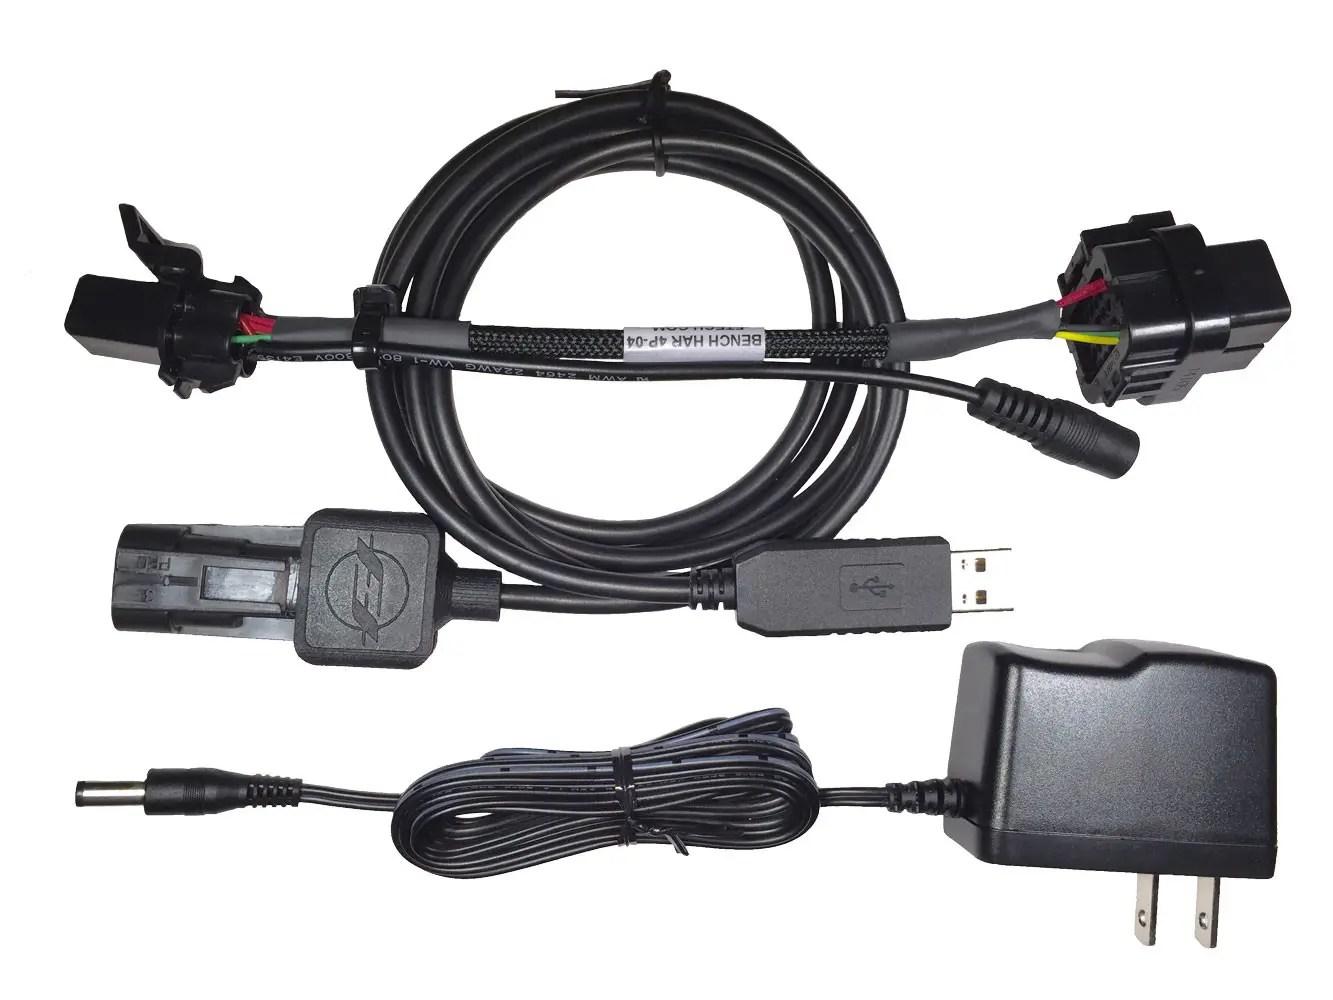 4P_BNKT_04 - FTecu FlashTune kit for Kawasaki ZX10R ZX14R 2011 2012 2013  2014 2015 2016